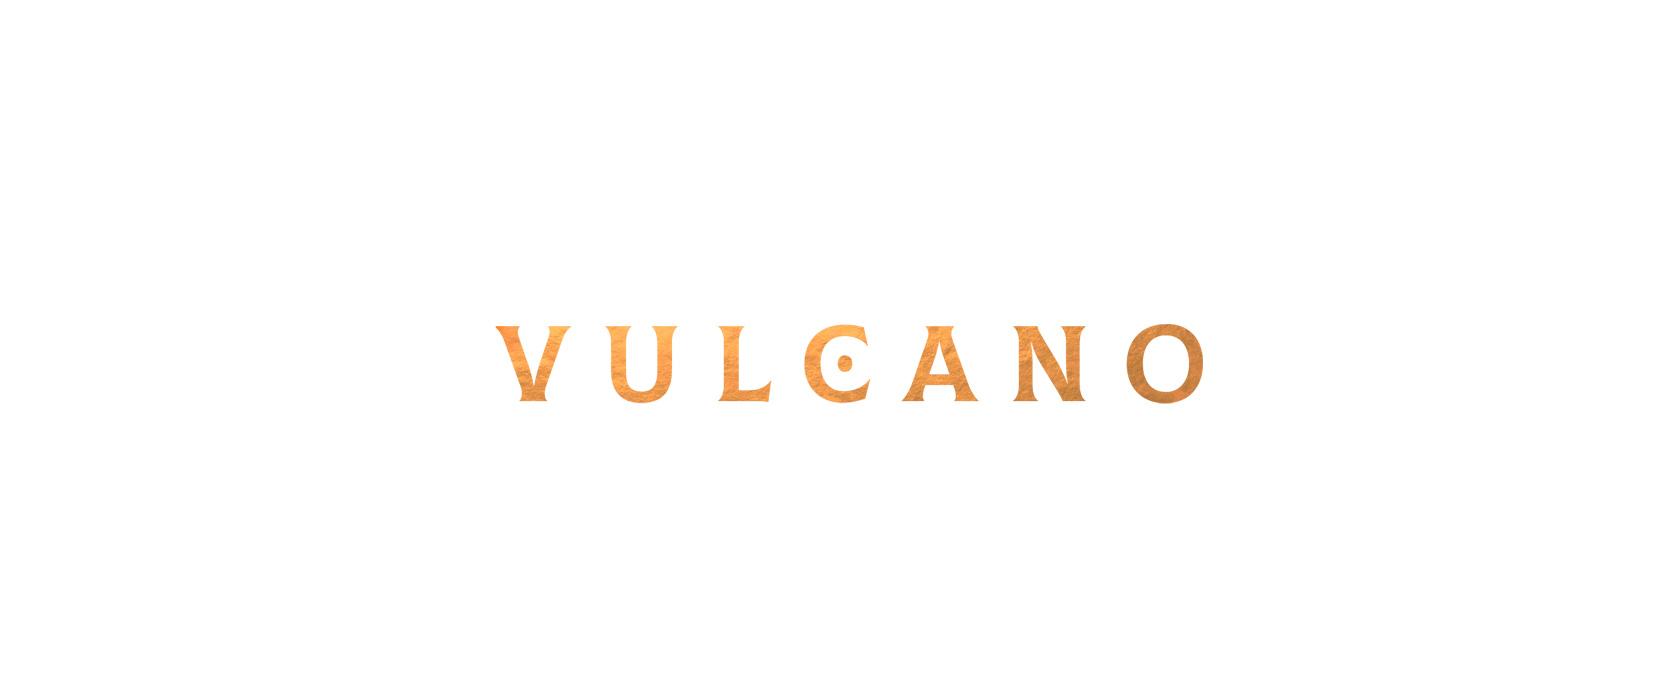 VULCANO-17